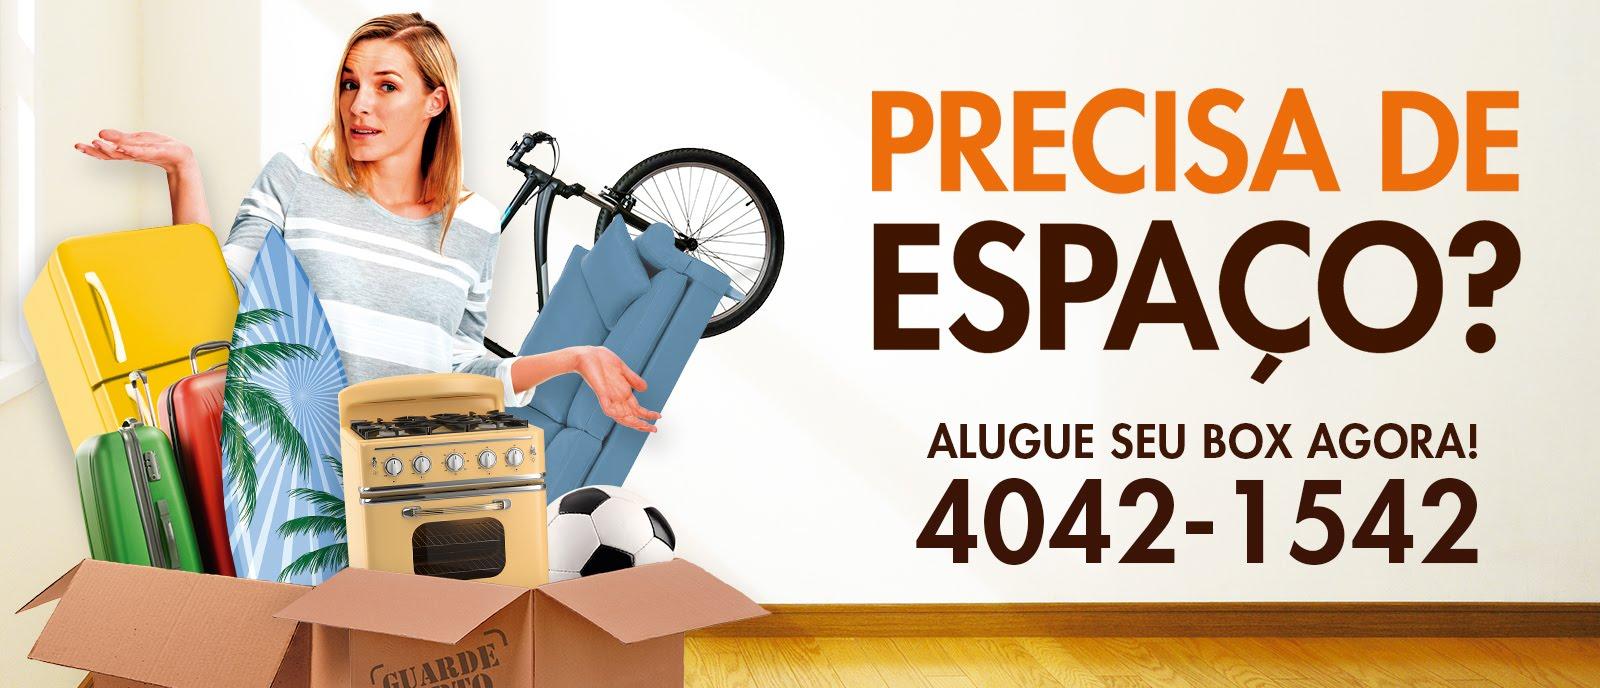 GUARDE PERTO - PRECISA DE ESPAÇO